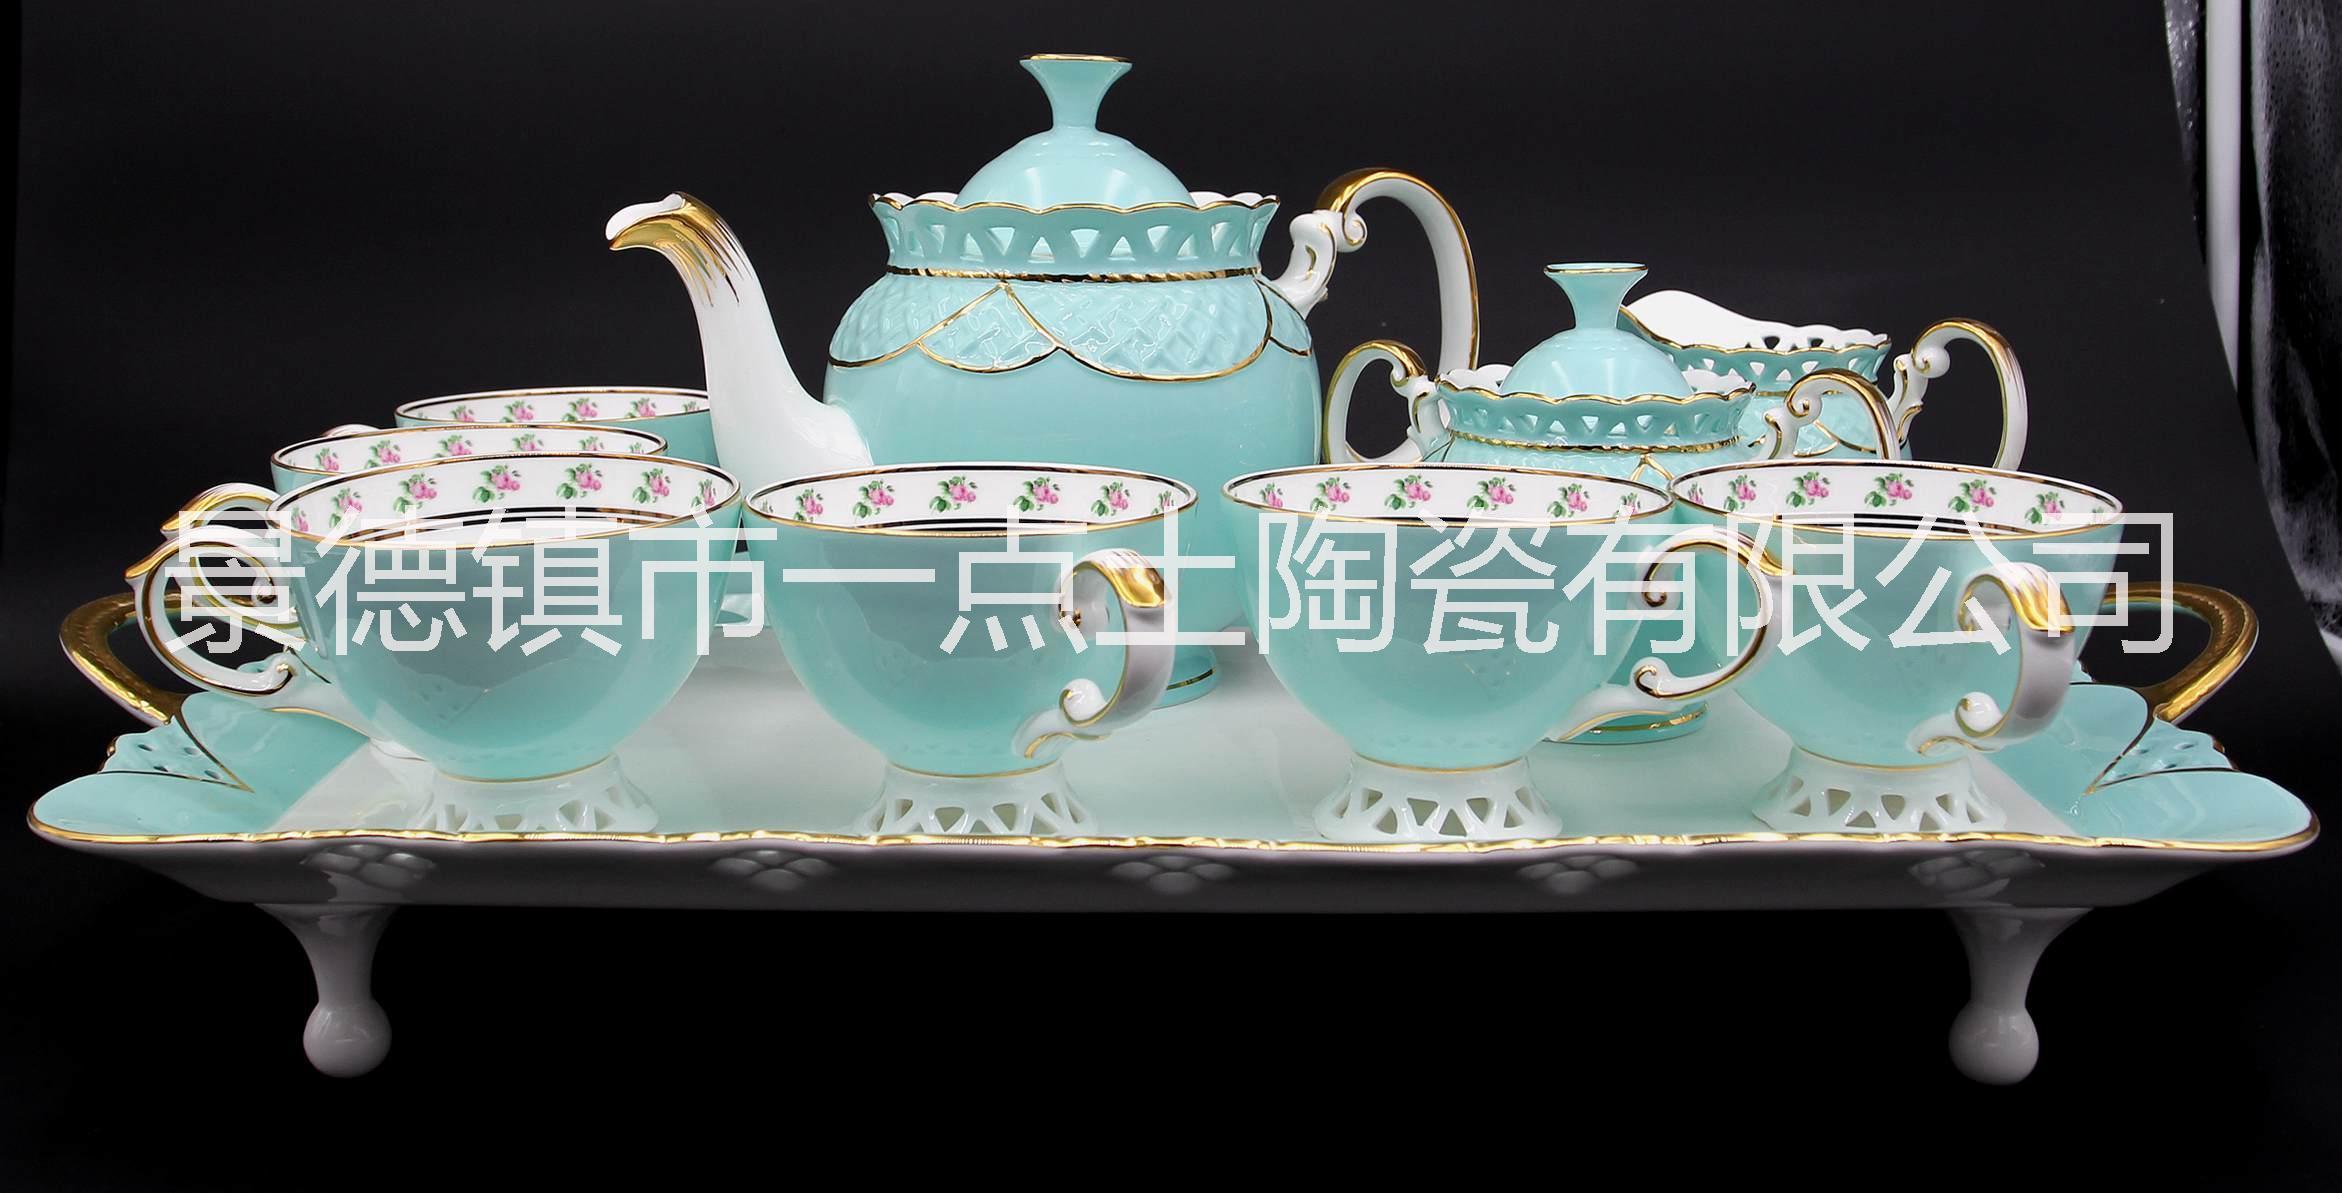 景德镇骨瓷咖啡具厂家批发直销 景德镇骨瓷咖啡具厂家加工批发直销